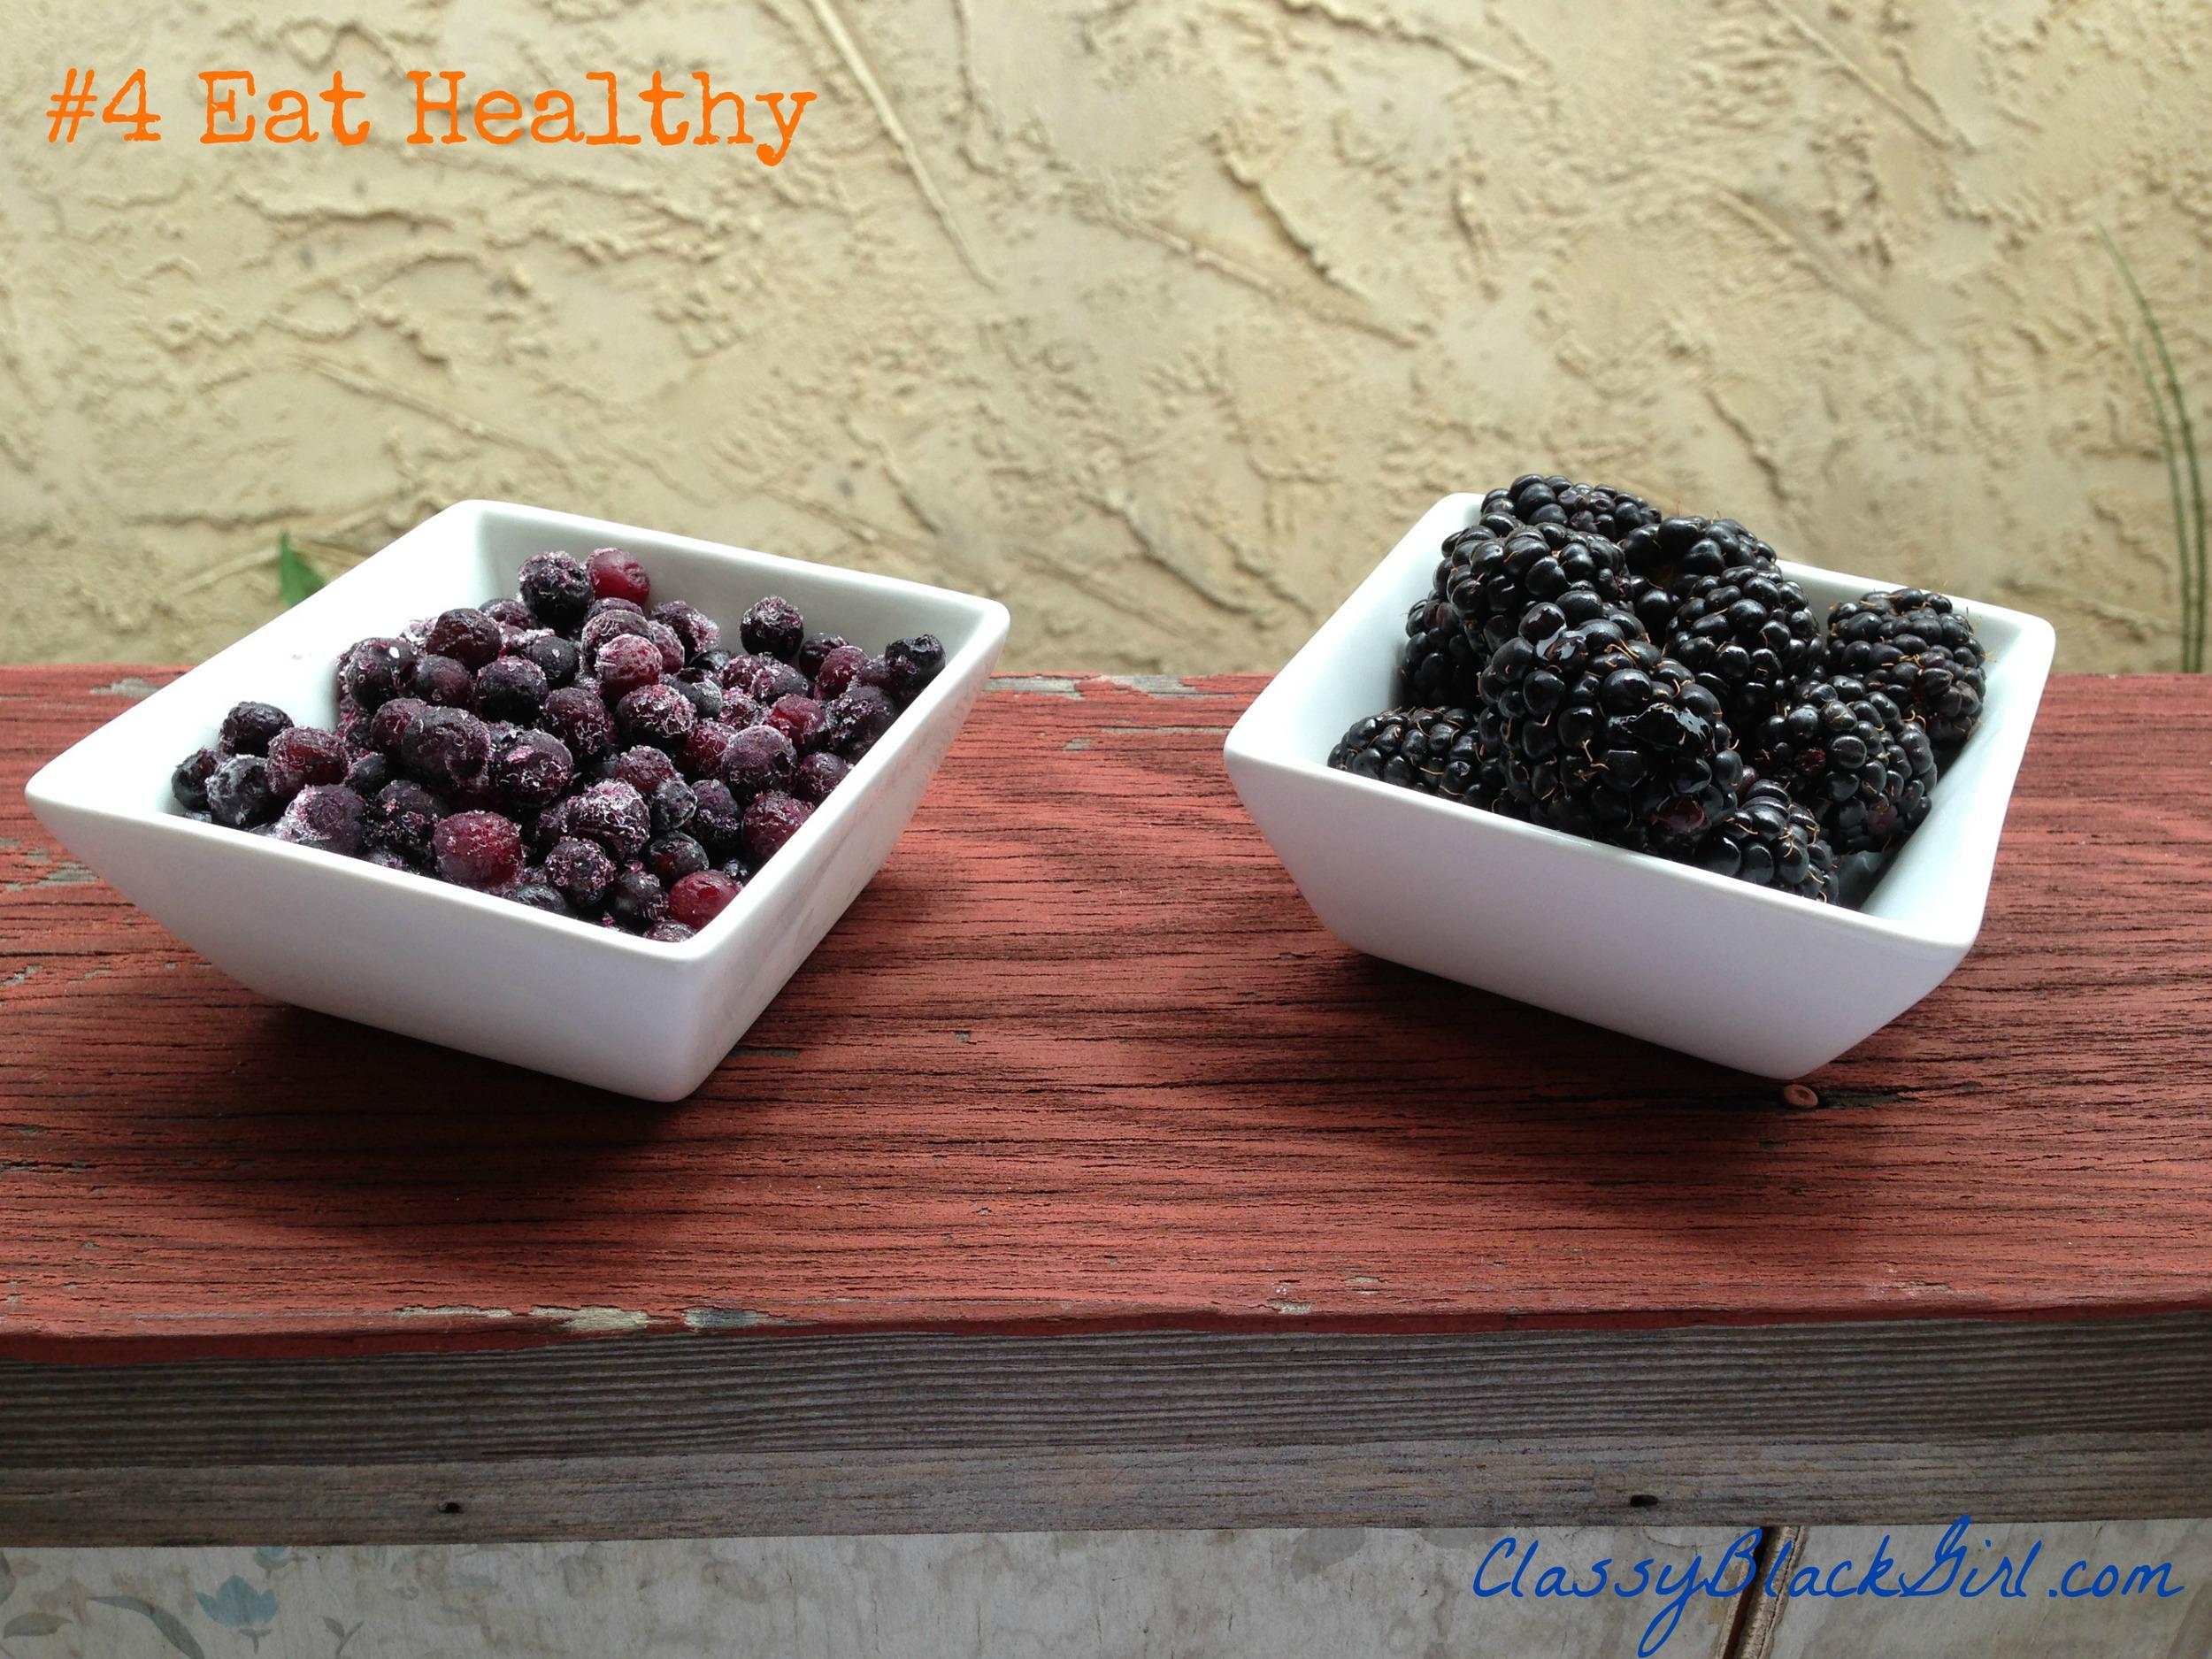 #NaturalProbiotic, #shop, ClassyBlackGirl.com, #cbias Frozen Berries, Healthy Living